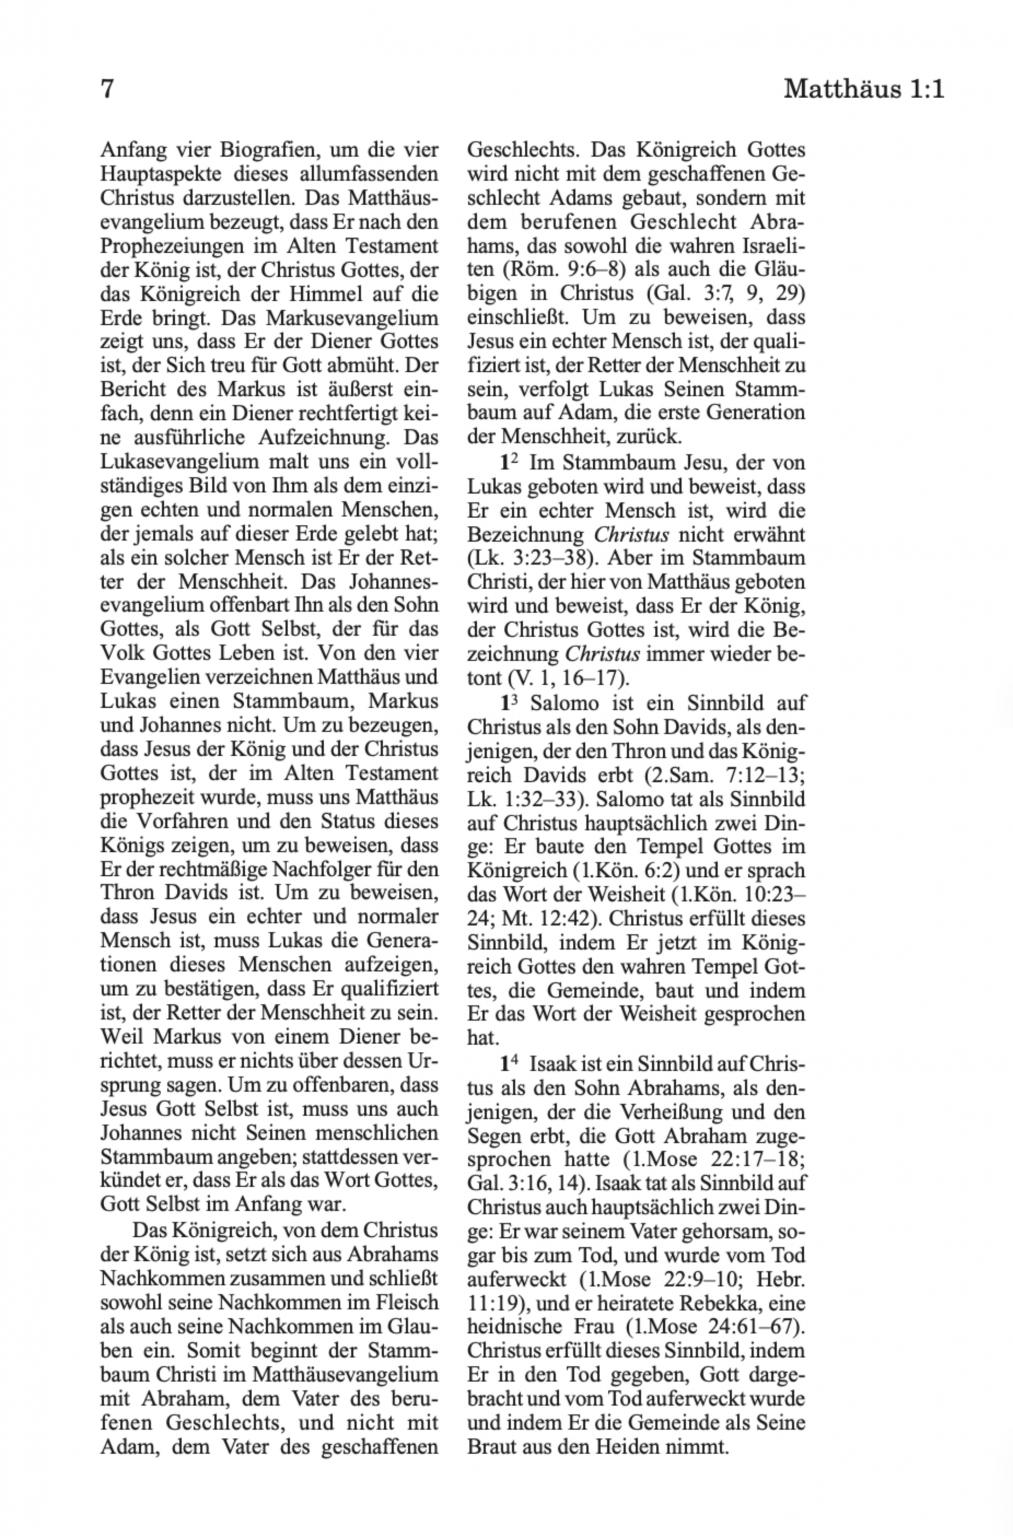 RvB page 7